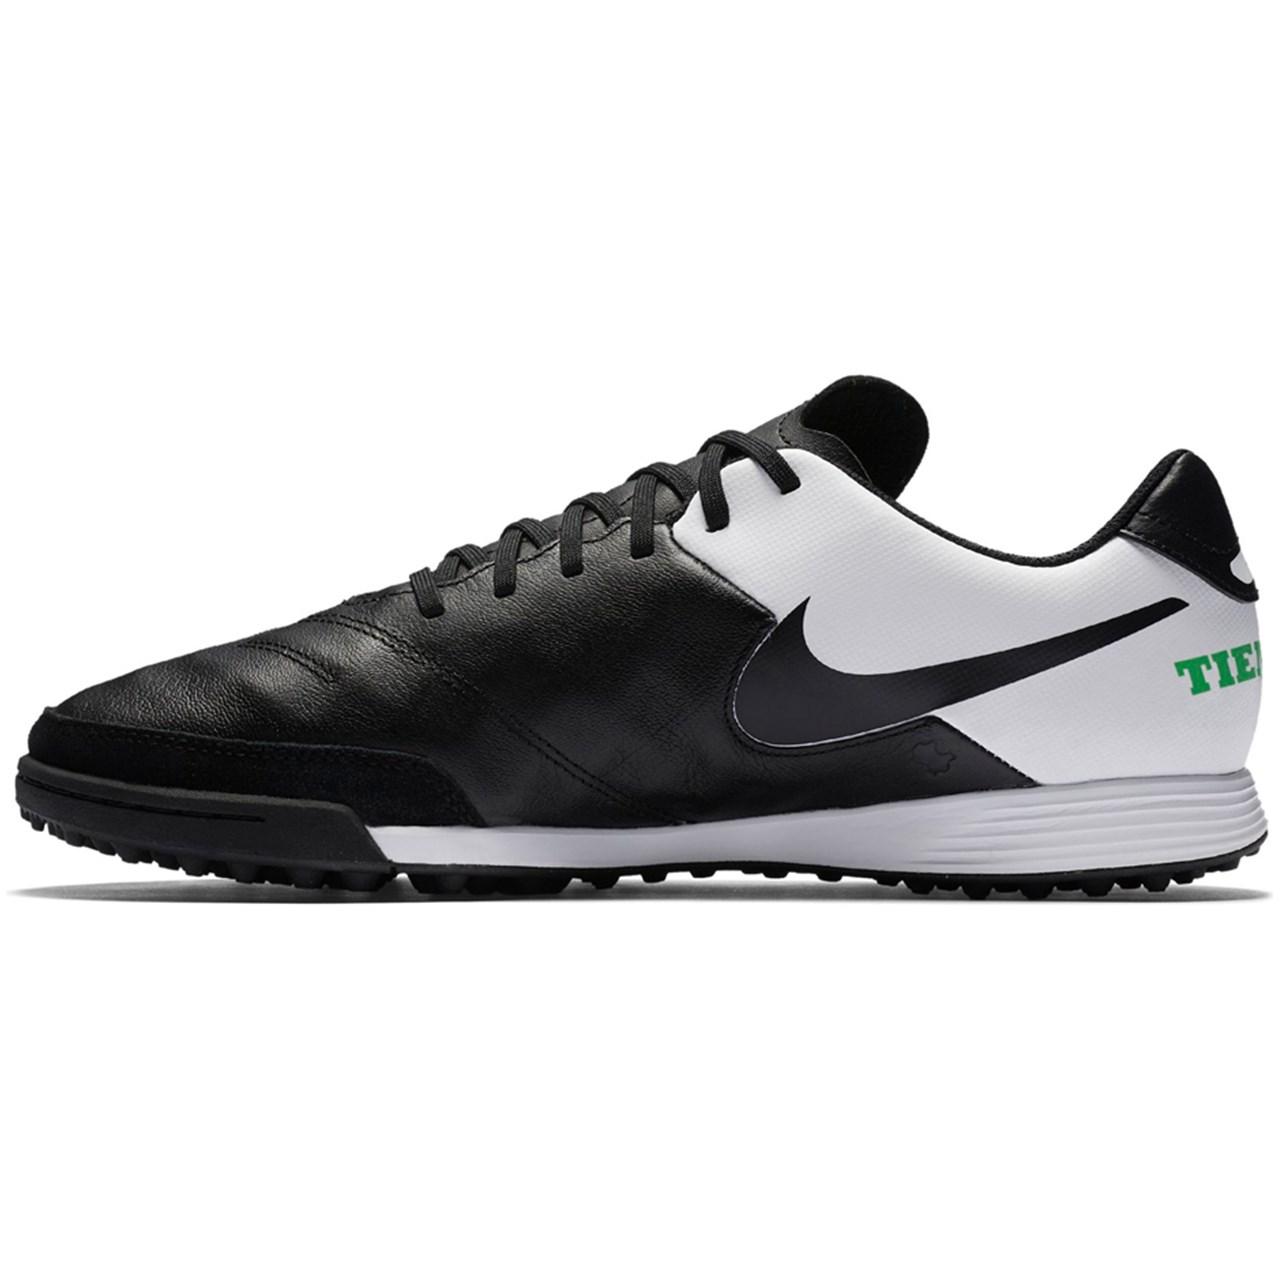 کفش مخصوص فوتسال مردانه نایک مدل TIEMPOX GENIO II LEATHER TF